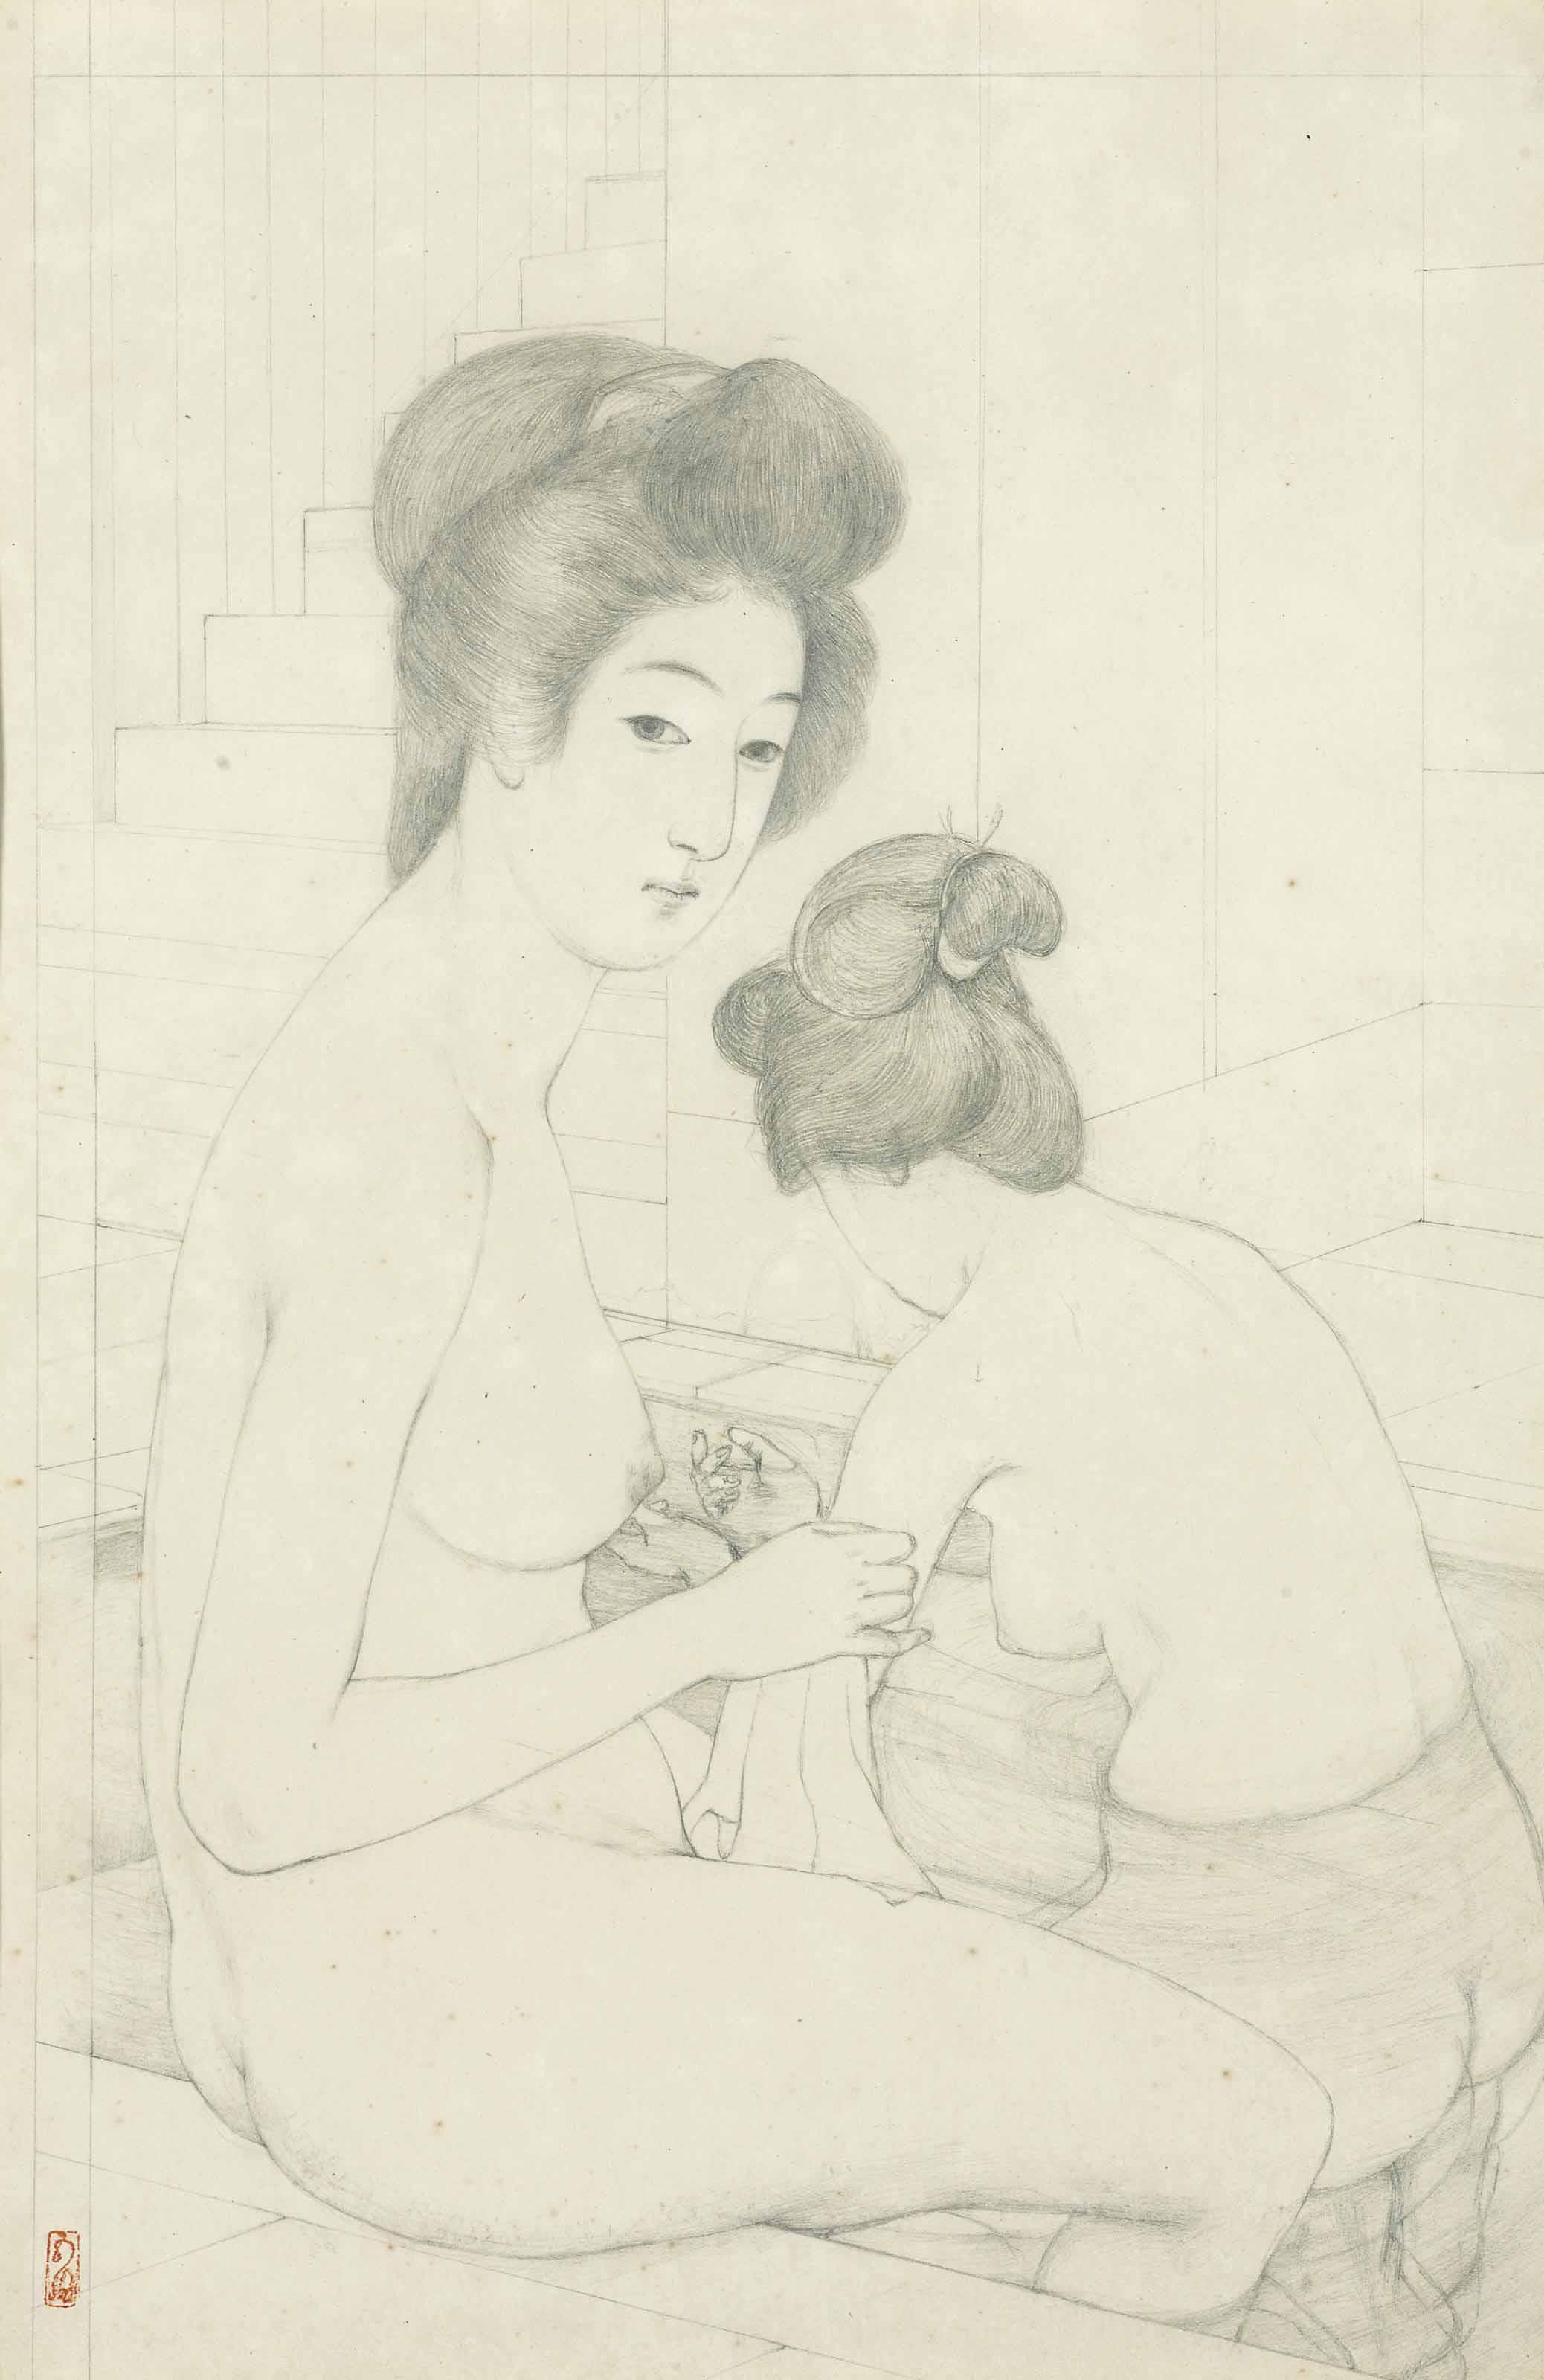 Two women in a bath